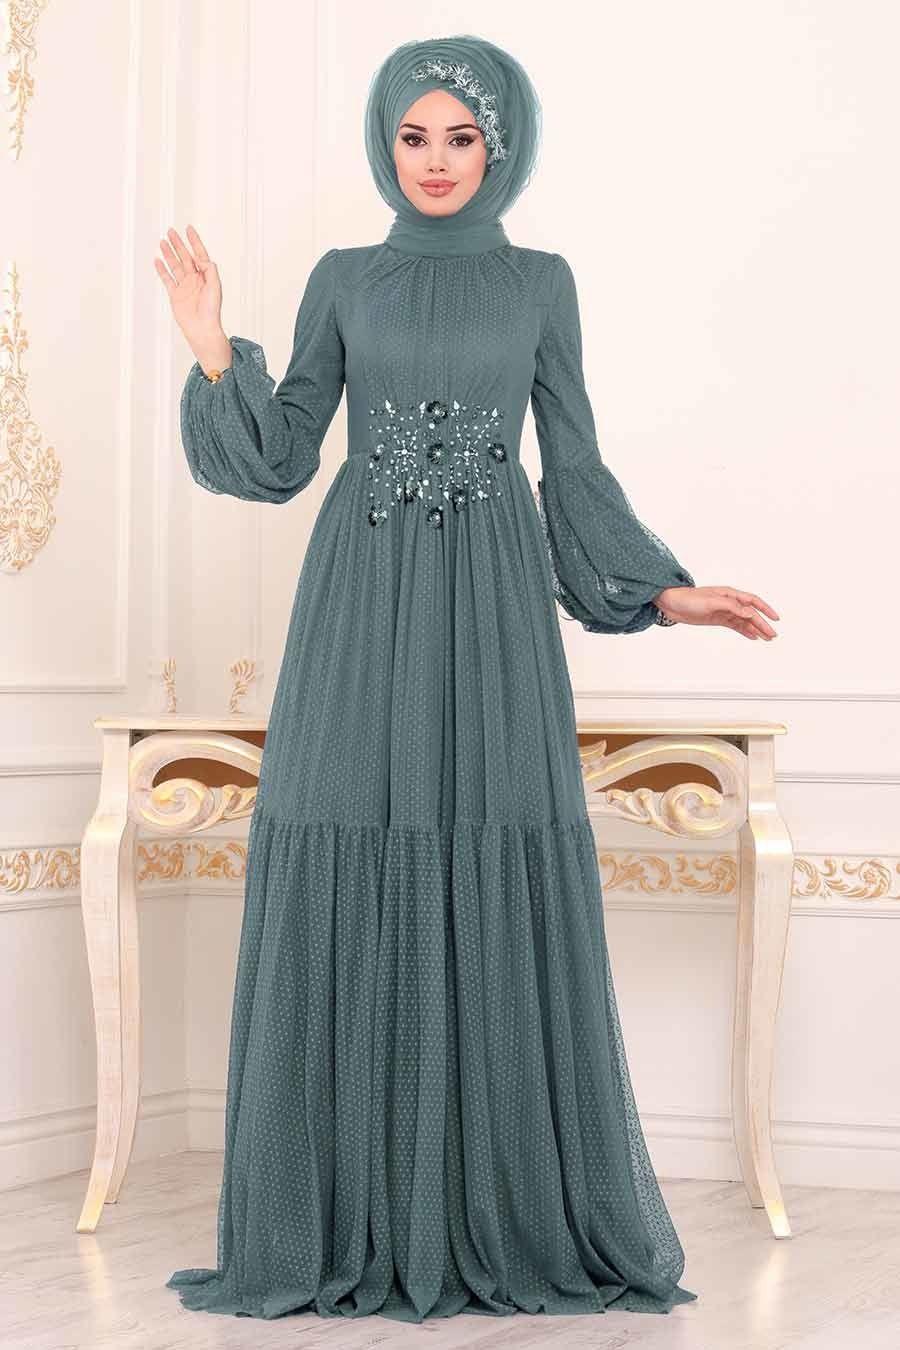 Tesetturlu Abiye Elbise Balon Kollu Indigo Mavisi Tesettur Abiye Elbise 38940im Tesetturisland Com Elbise The Dress Aksamustu Giysileri